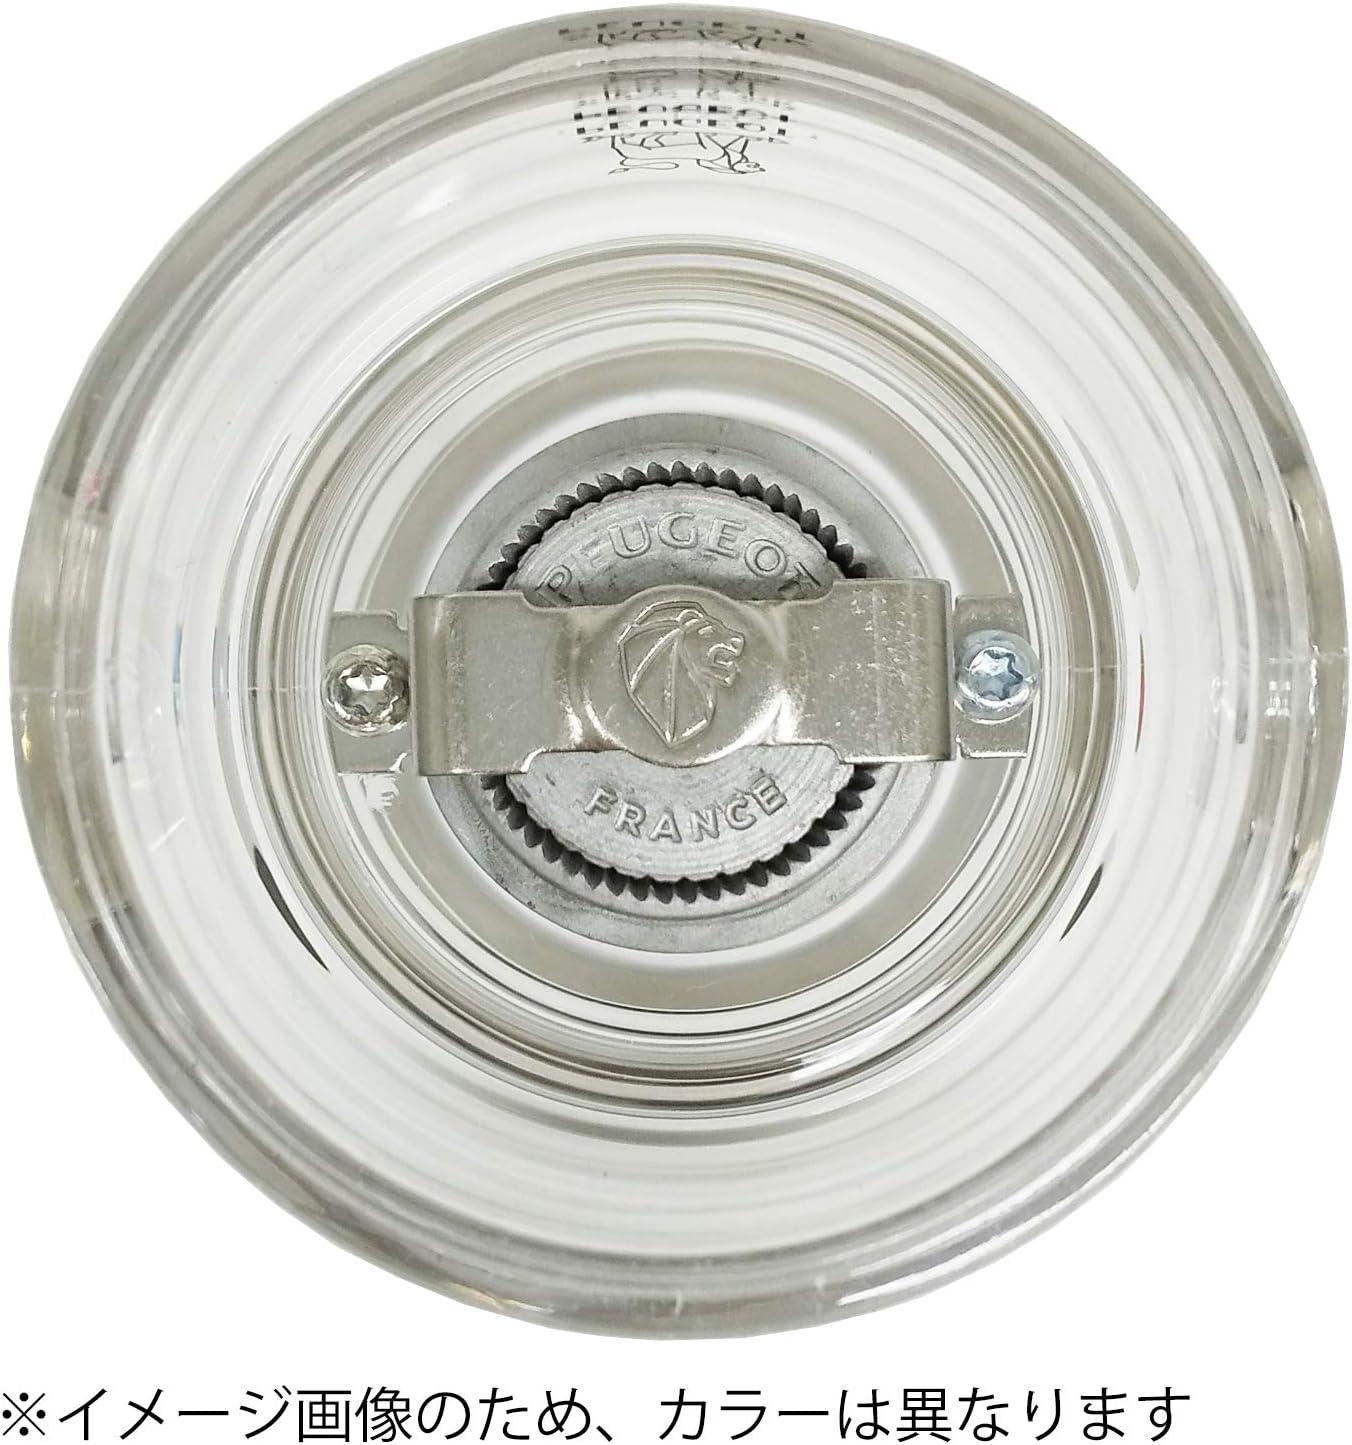 Peugeot salzmühle Daman 21 cm Acier Inoxydable//Acrylique U /'SELECT